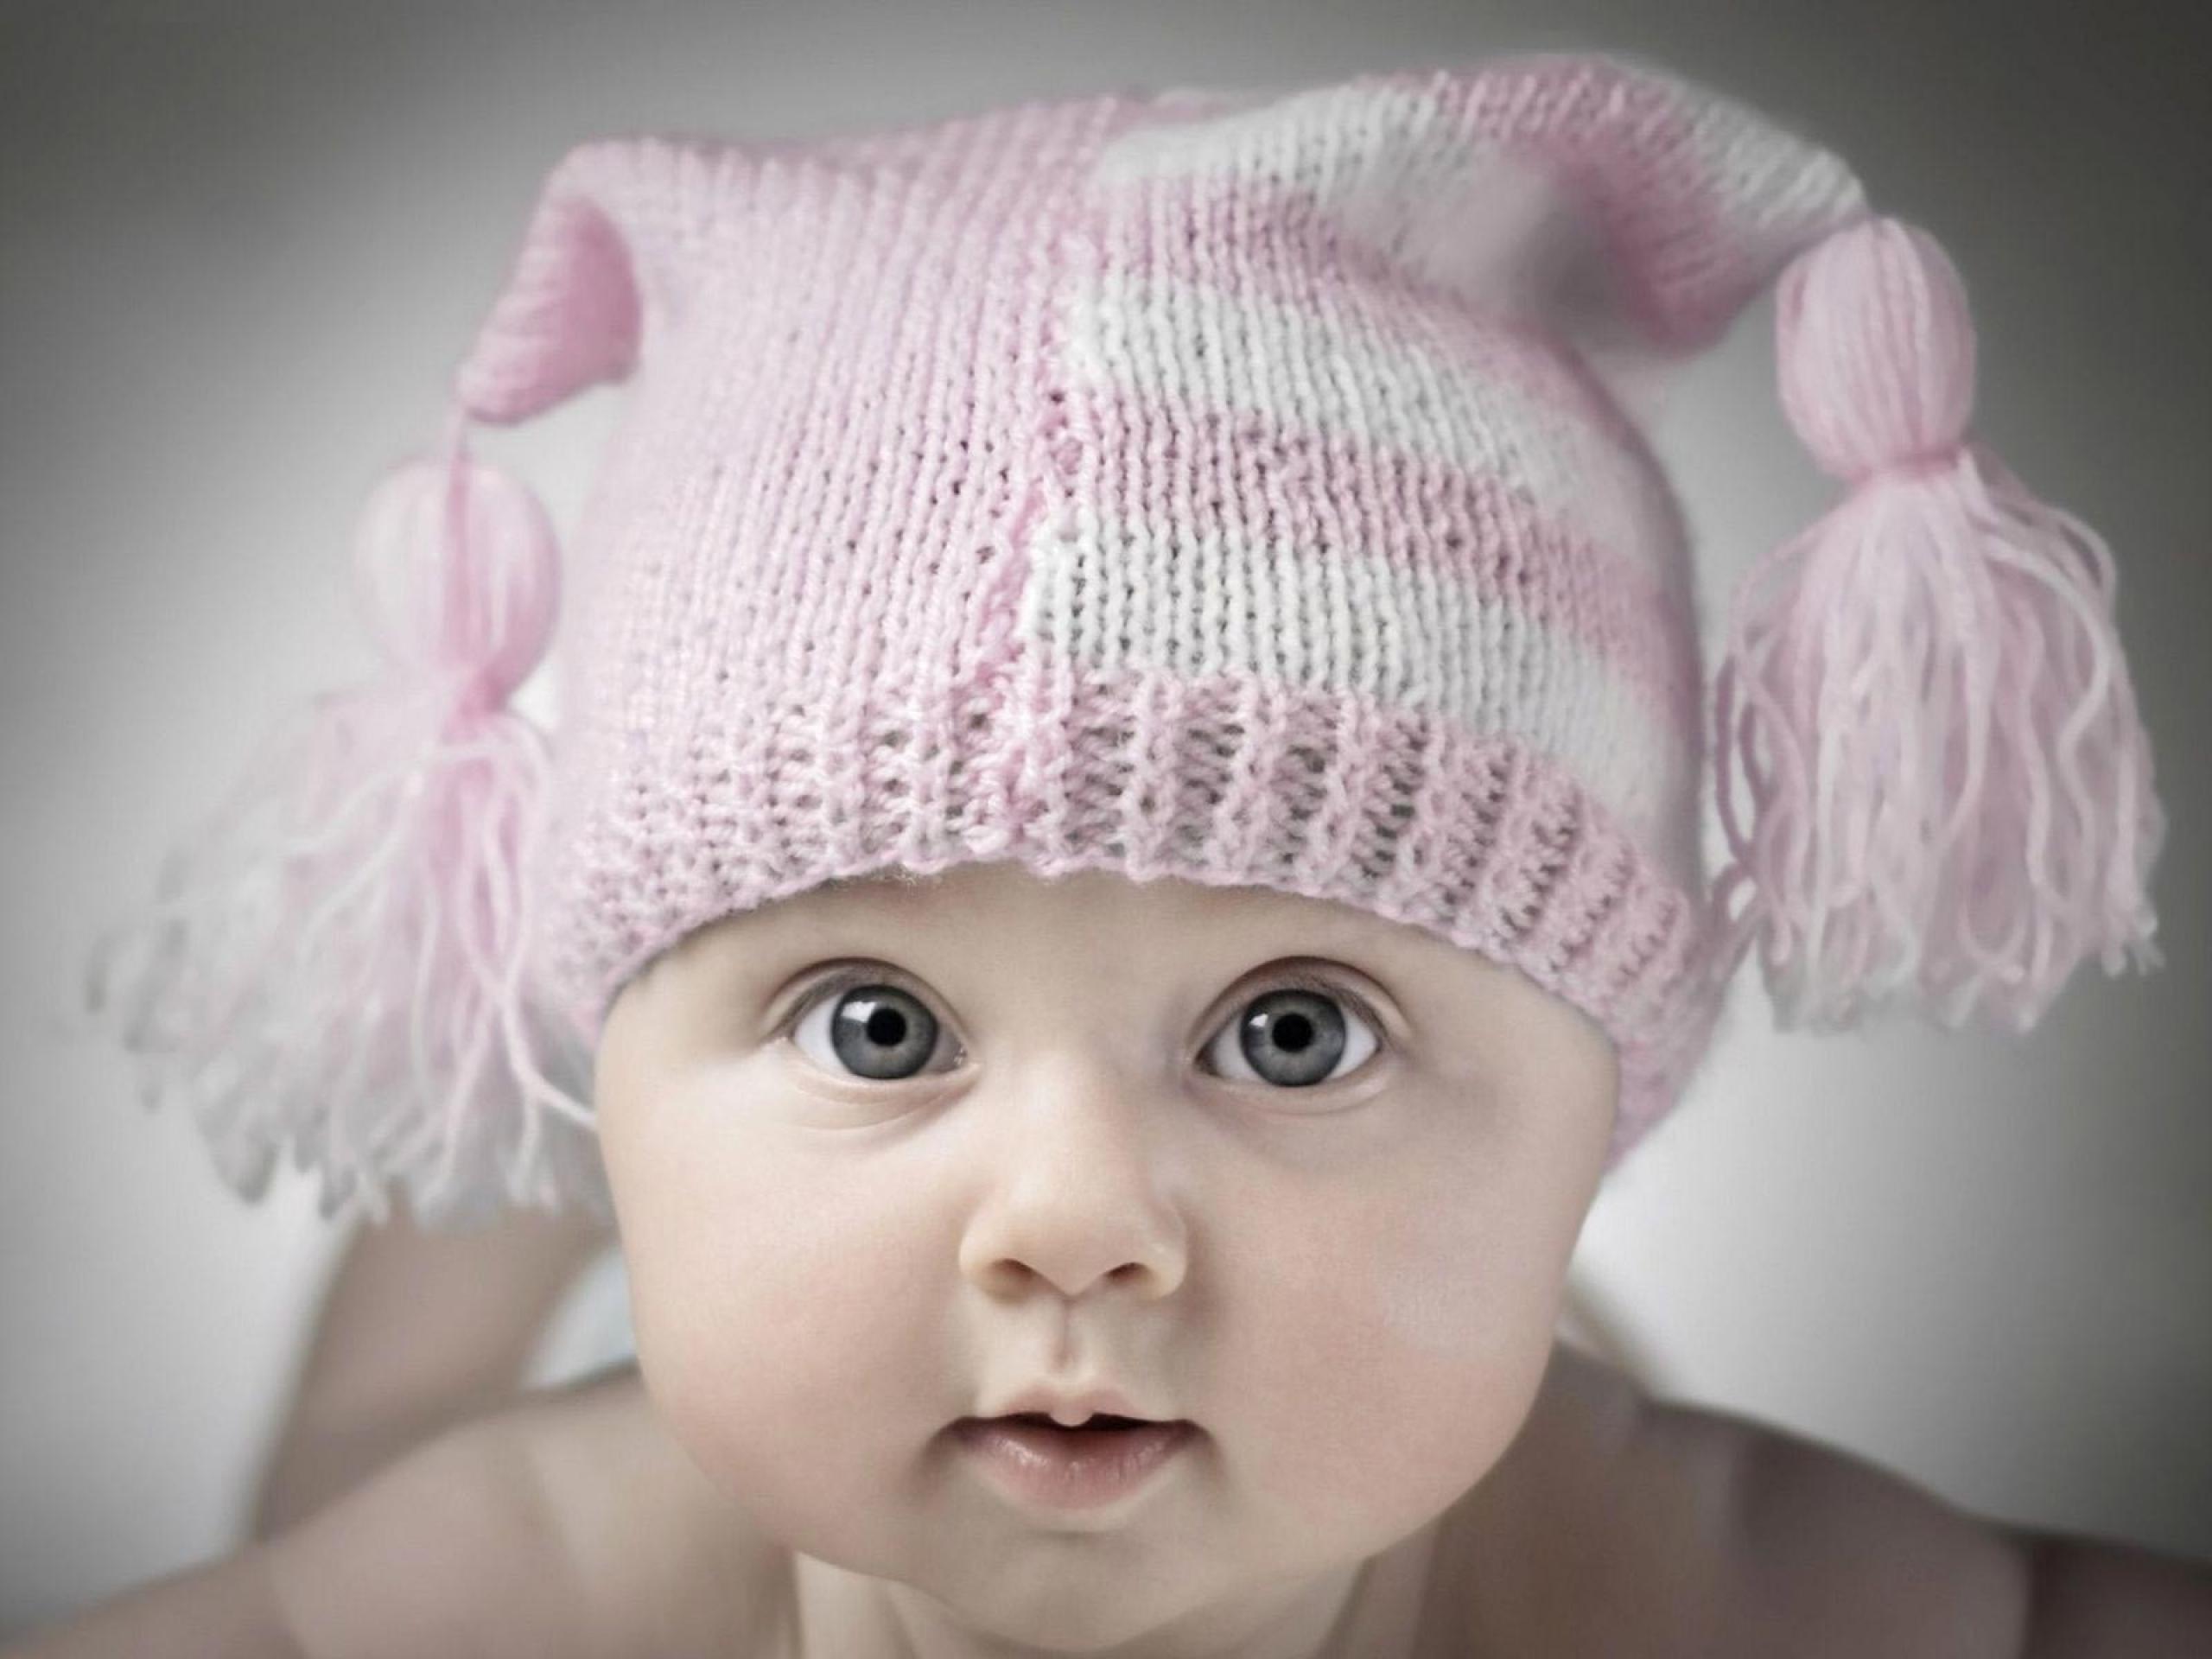 Картинки малышей красивых